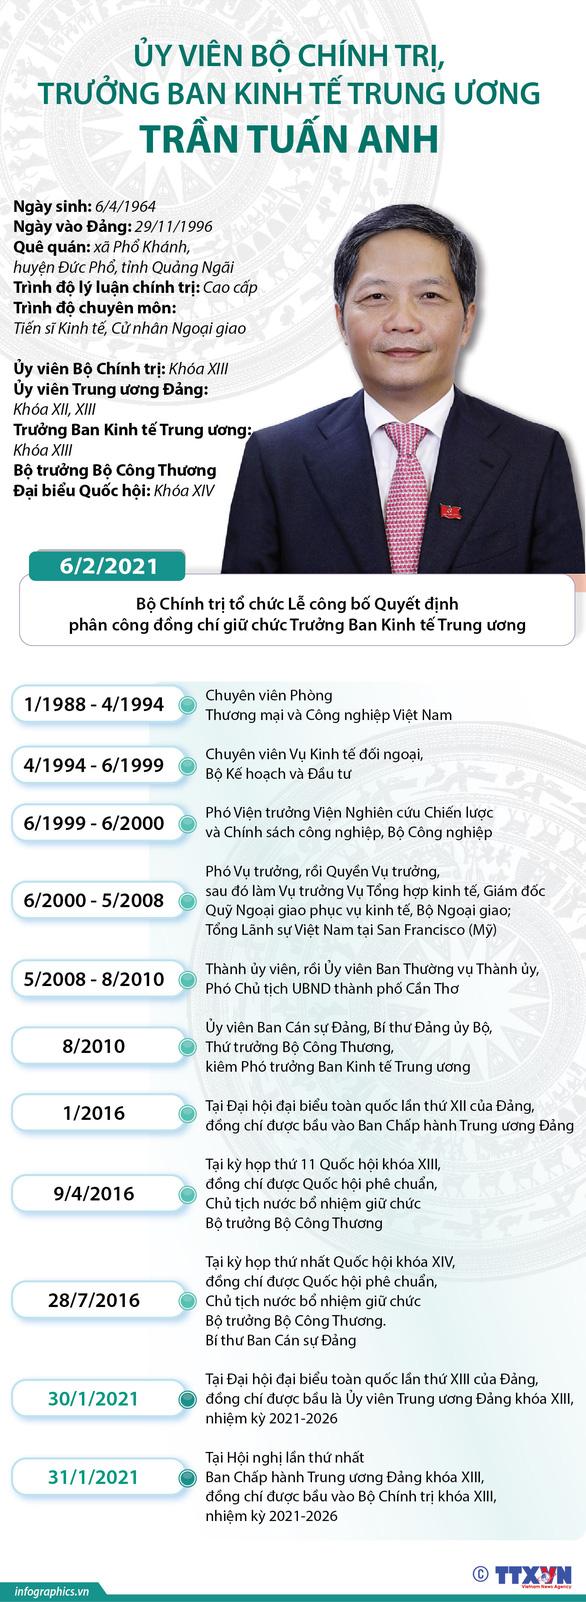 Ông Võ Văn Thưởng giữ chức Thường trực Ban Bí thư, ông Trần Tuấn Anh làm trưởng Ban Kinh tế T.Ư - Ảnh 4.